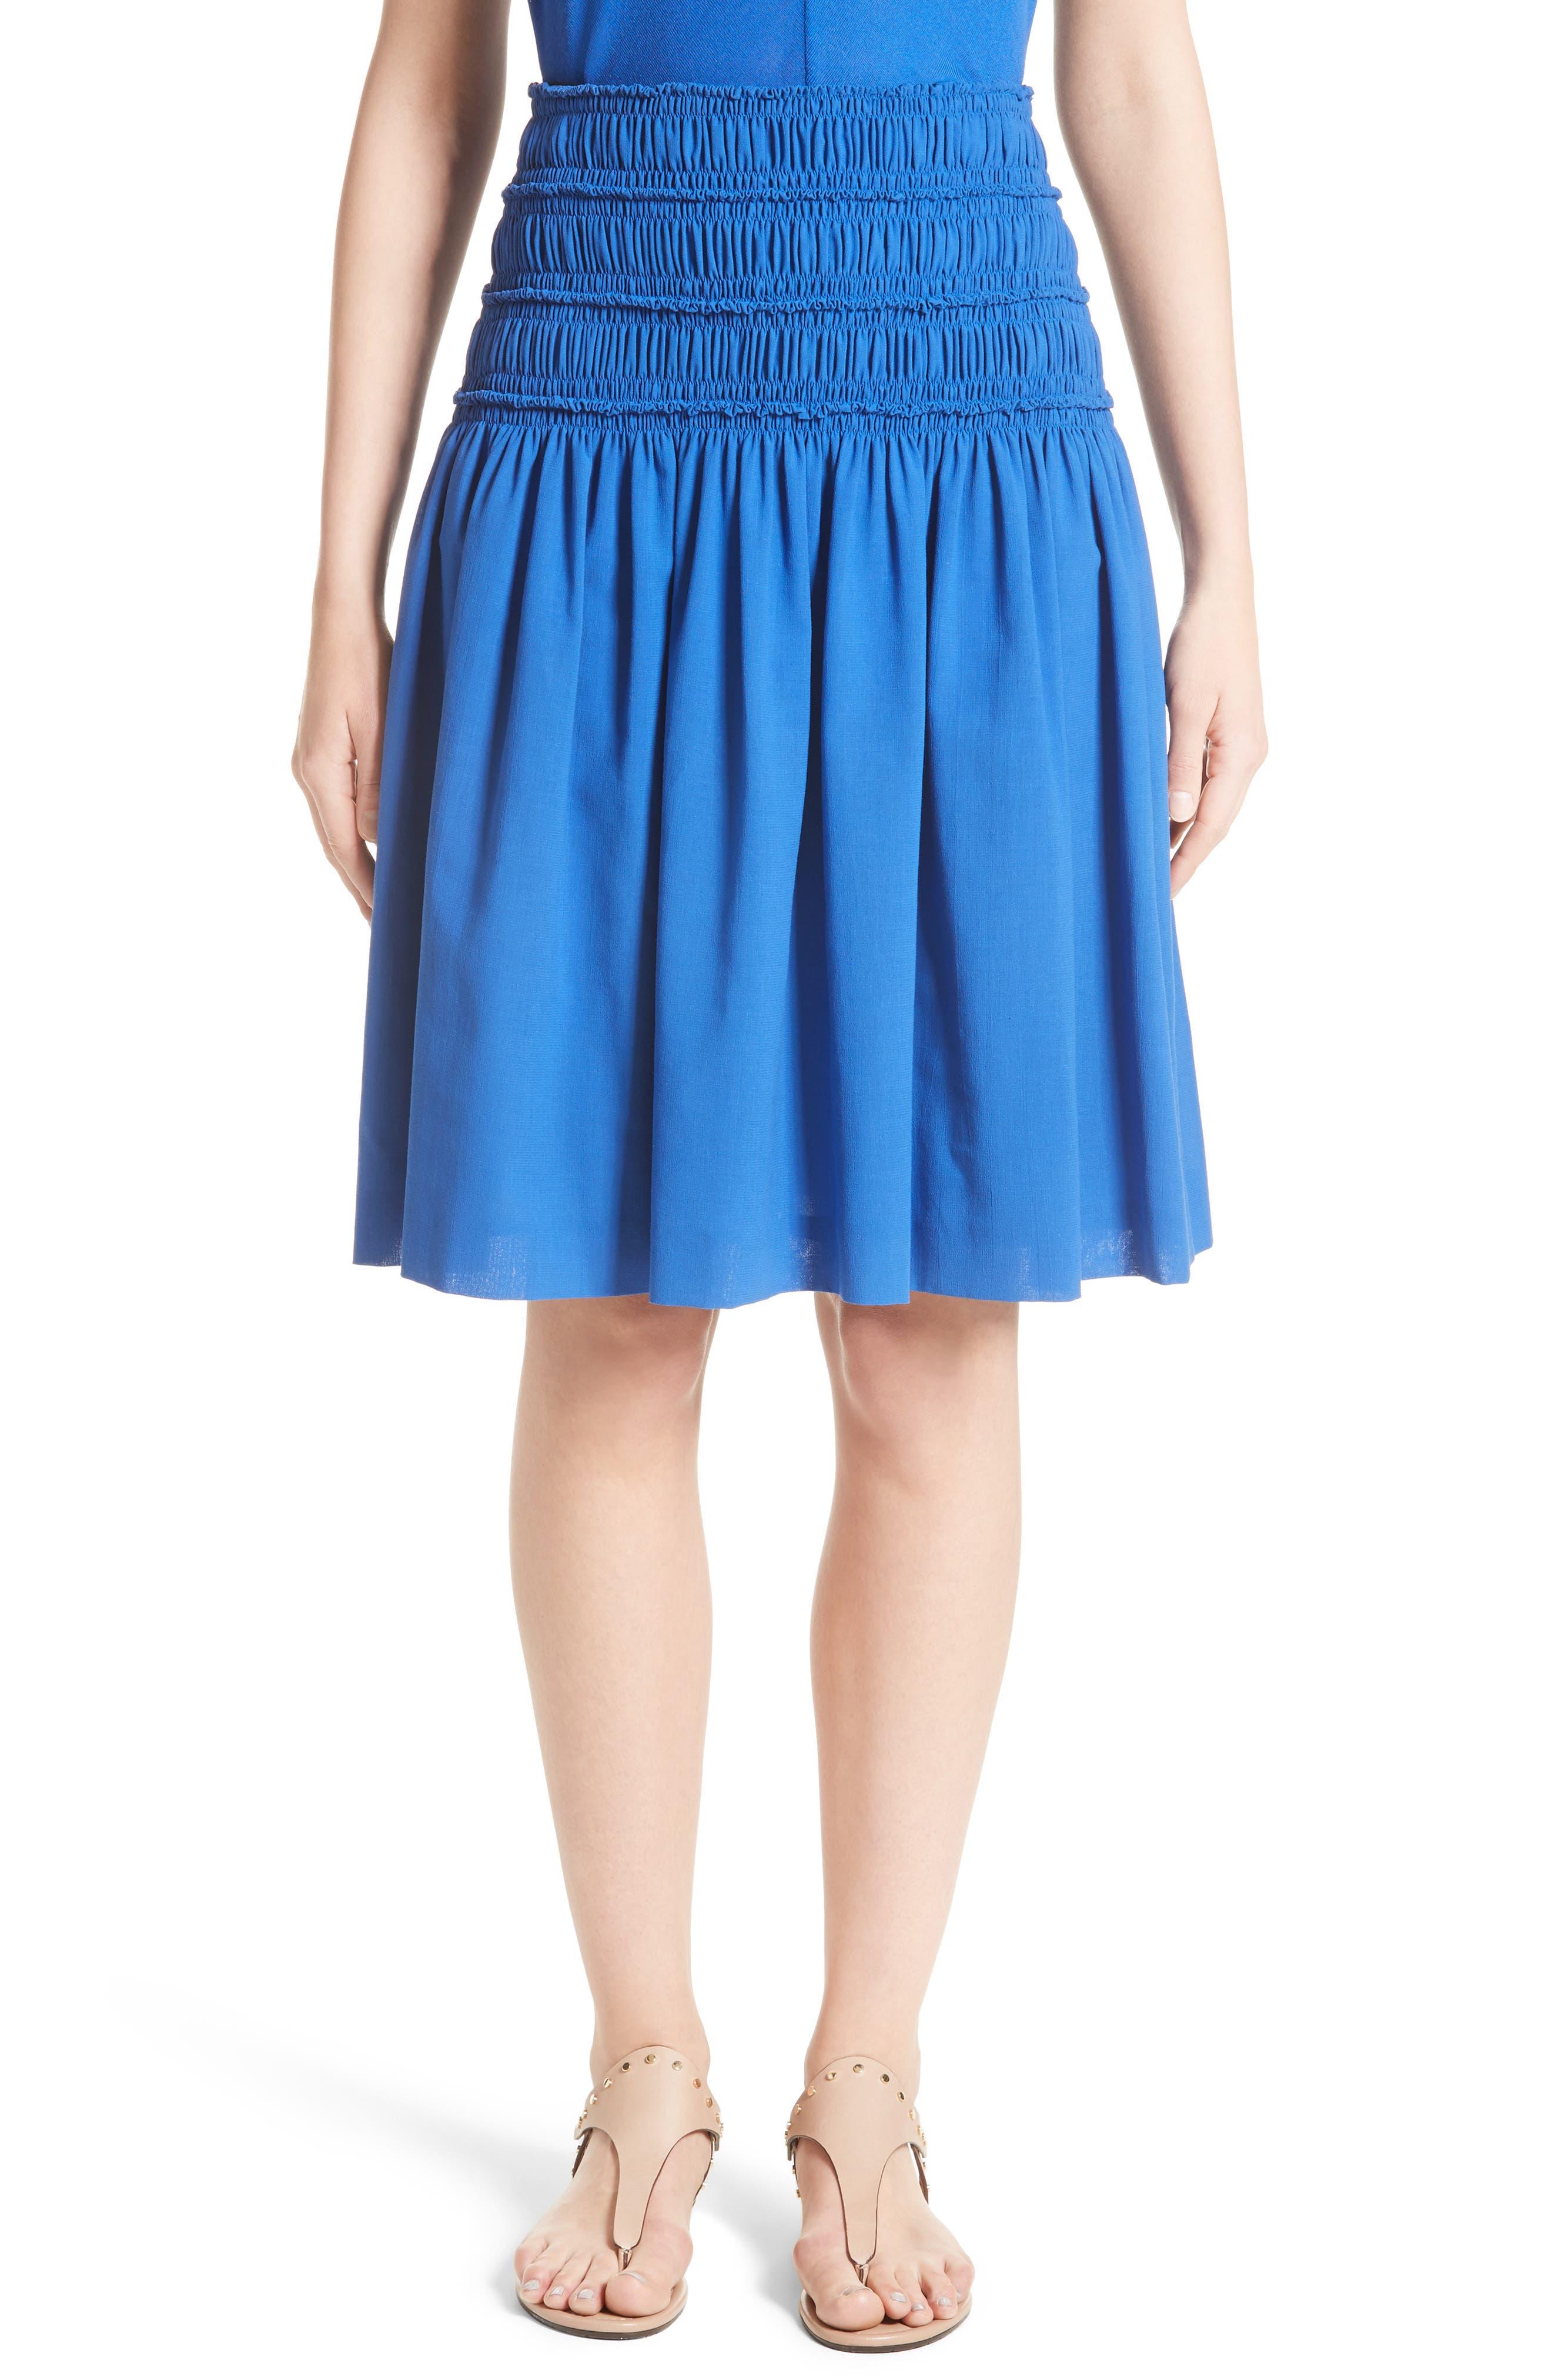 AKRIS PUNTO Akris Smocked Ruffle Skirt